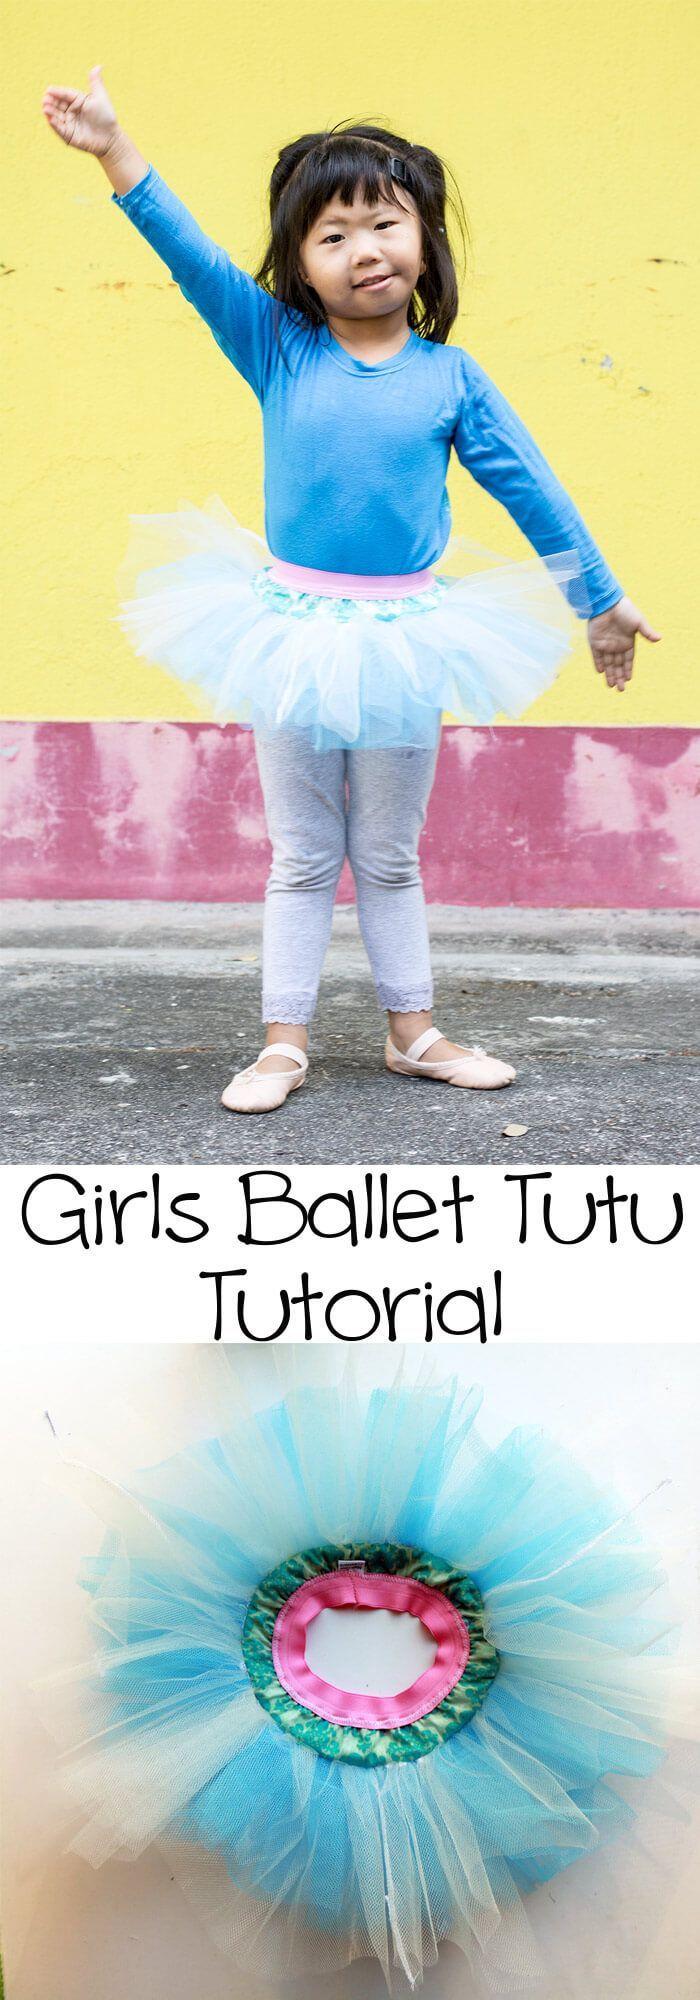 girls ballet tutu tutorial